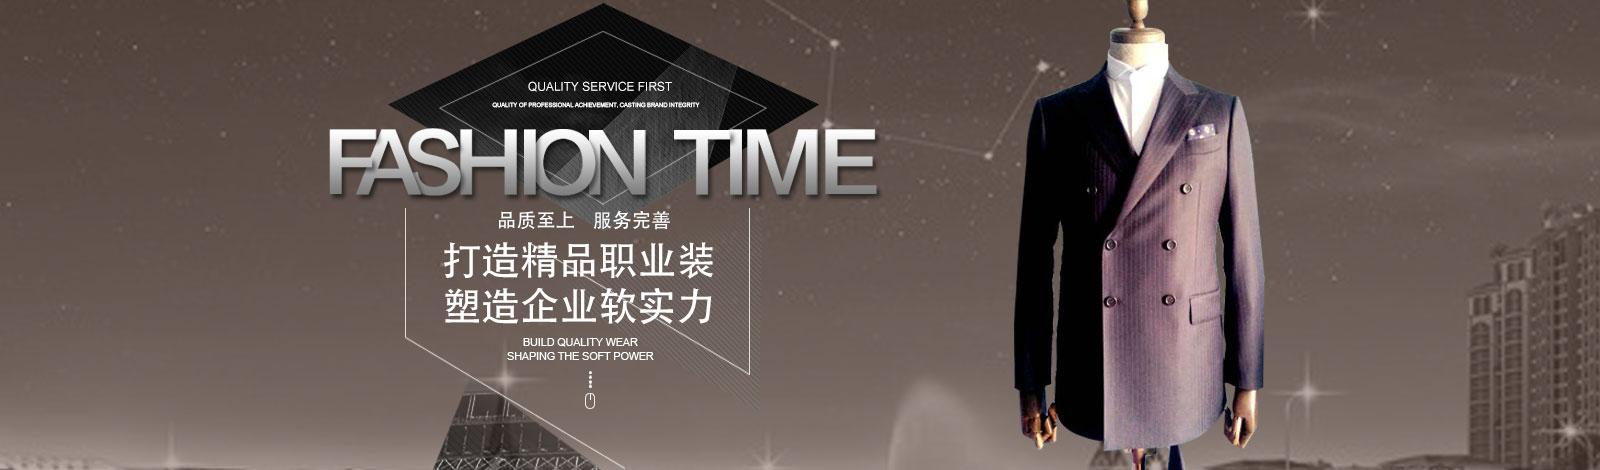 c_上海朗藝服飾有限公司